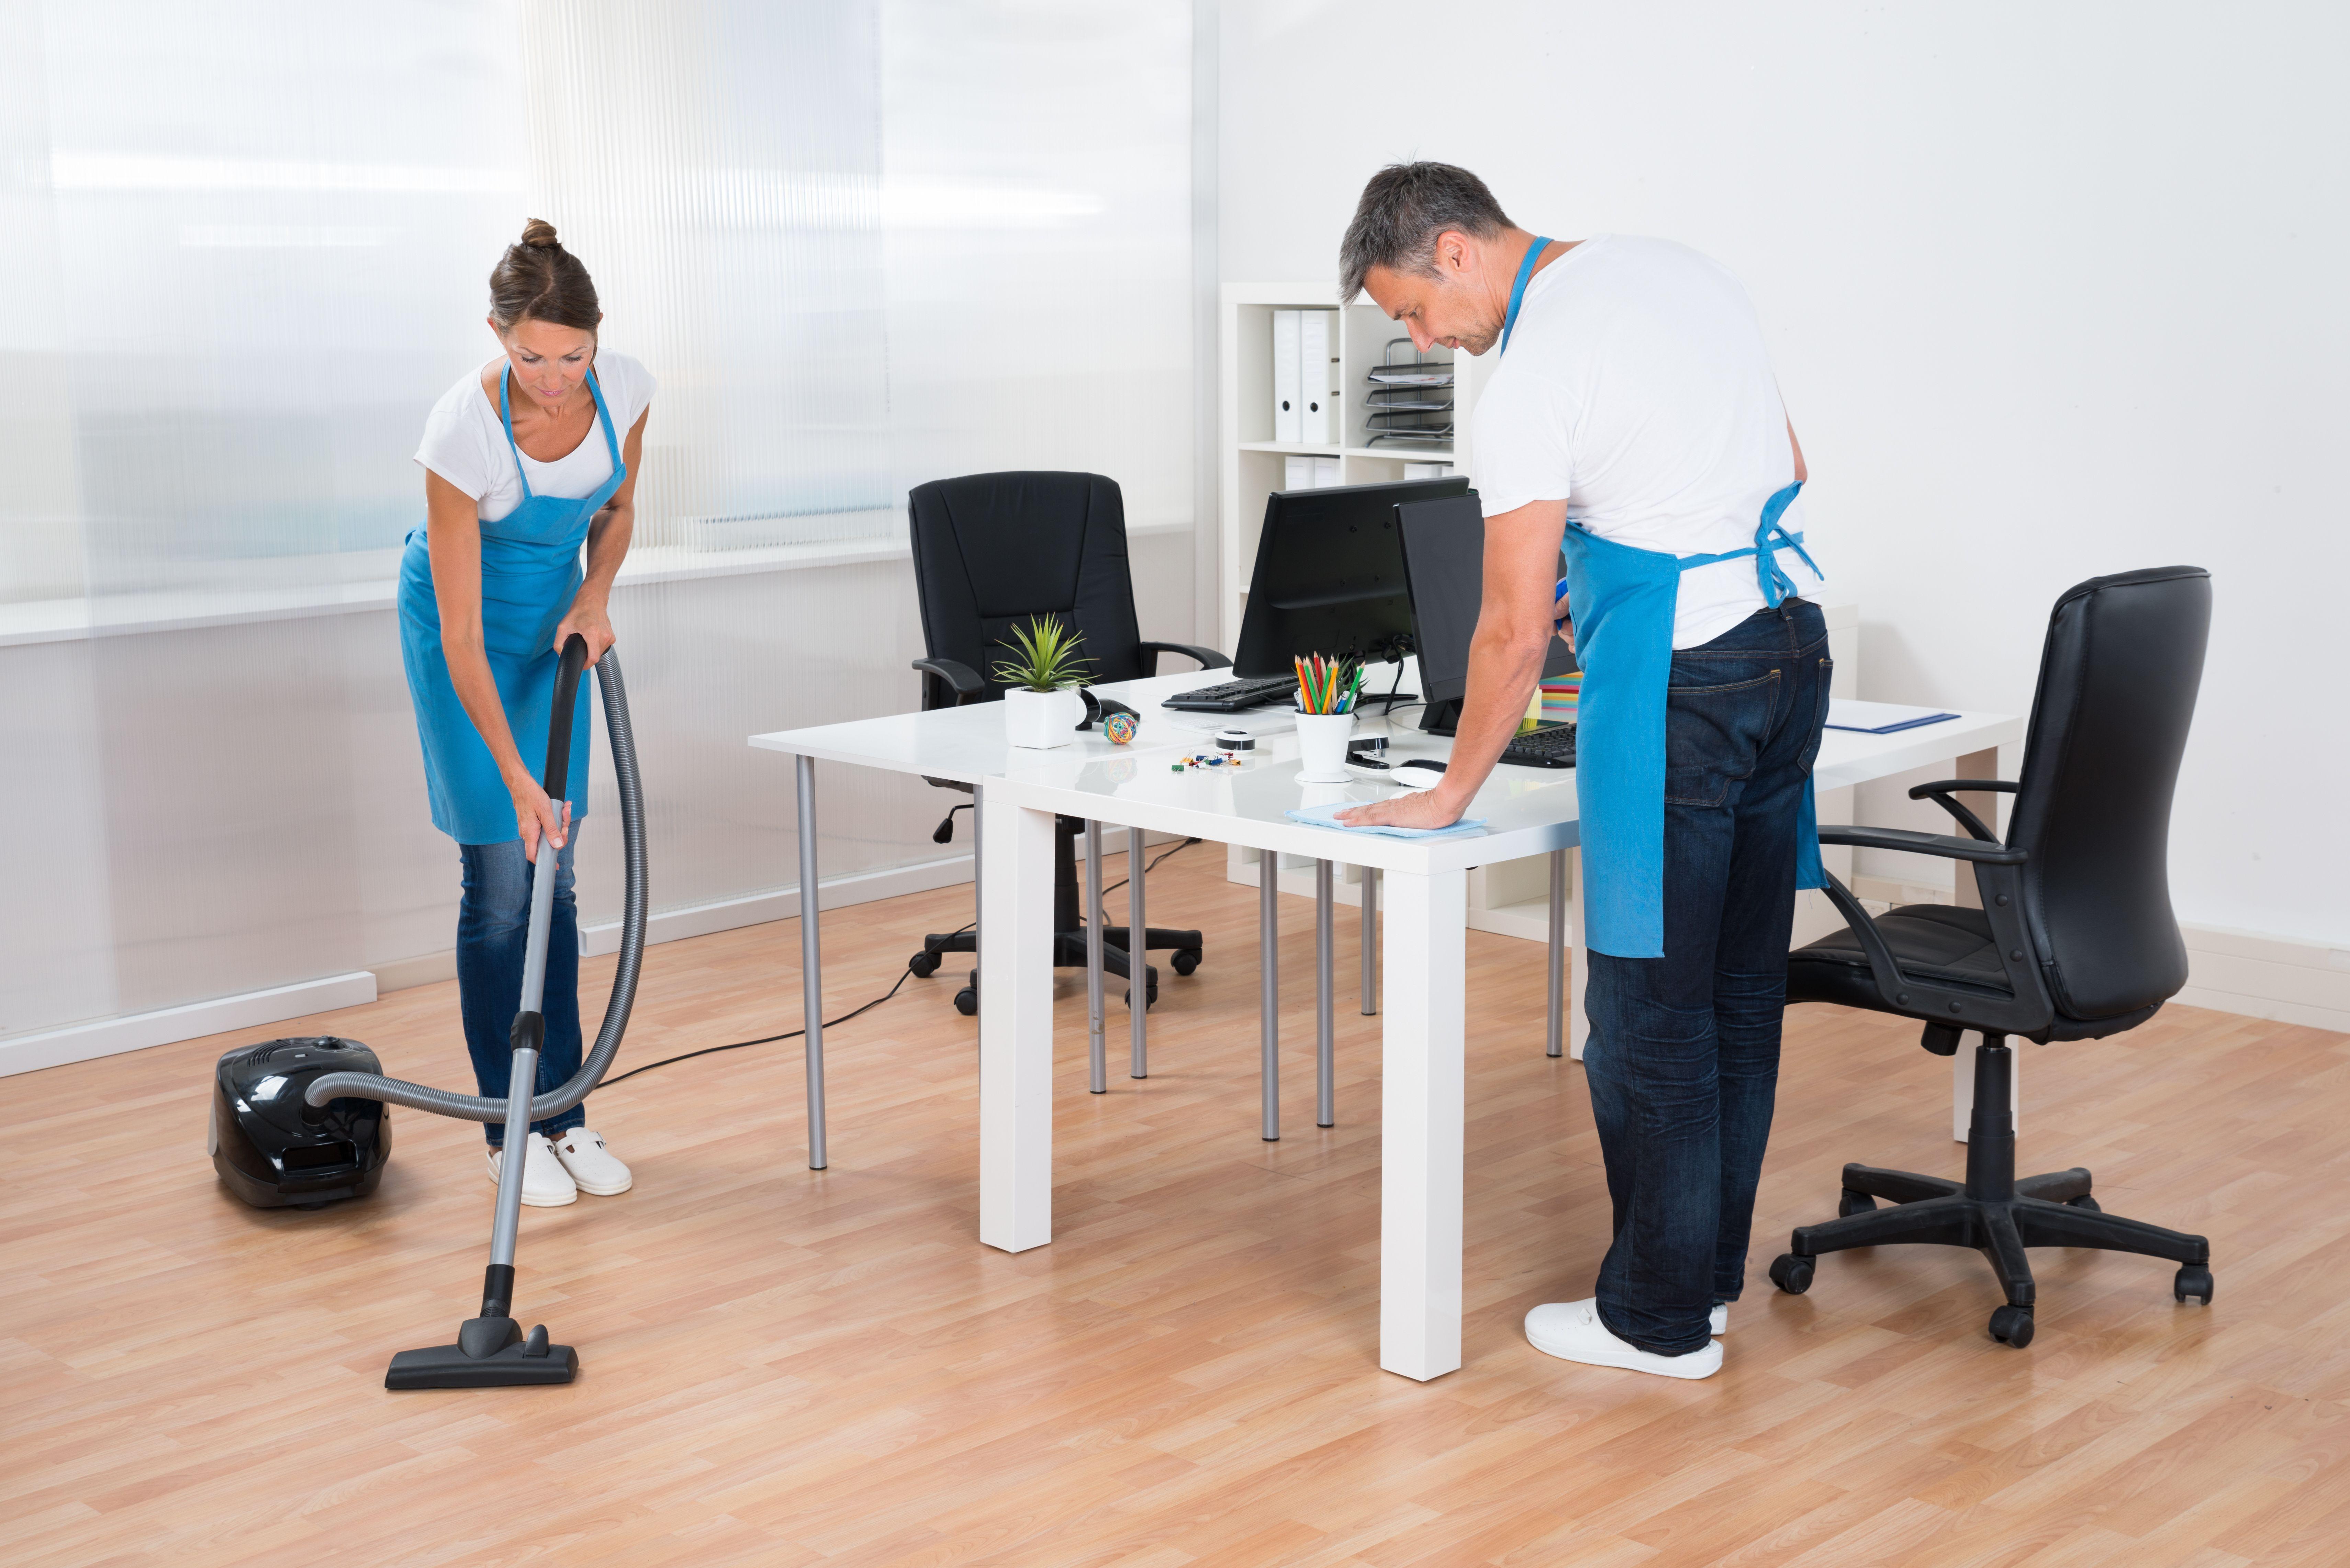 Oficinas y empresas: Limpieza y mantenimientos de LDC Limpiezas de Celis